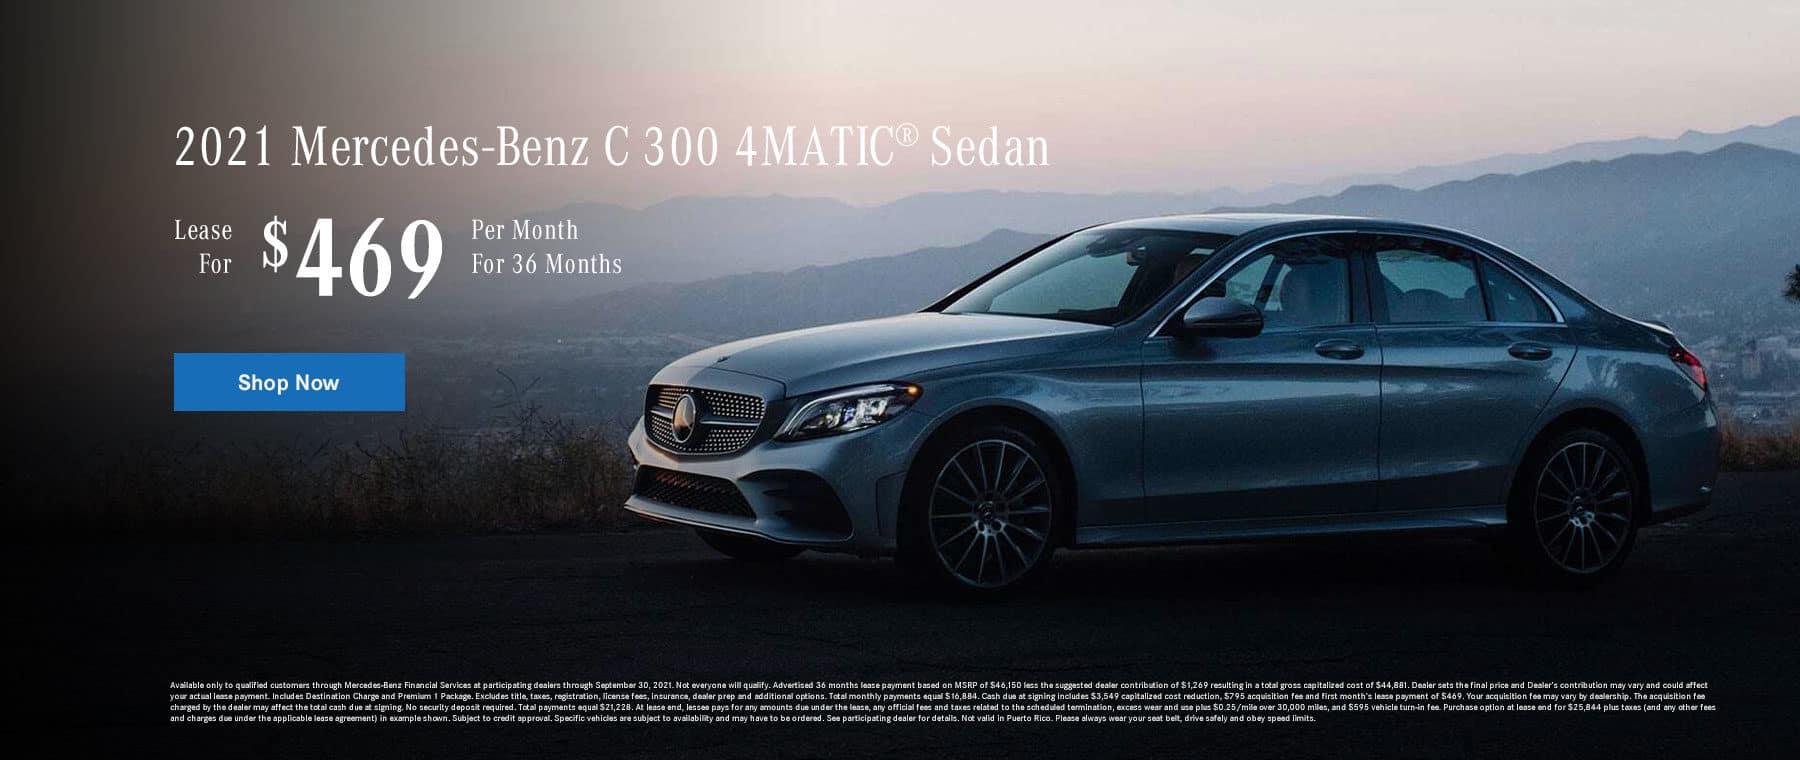 2021 Mercedes-Benz C 300 4MATIC® Sedan 2021 Mercedes-Benz C 300 4MATIC® Sedan